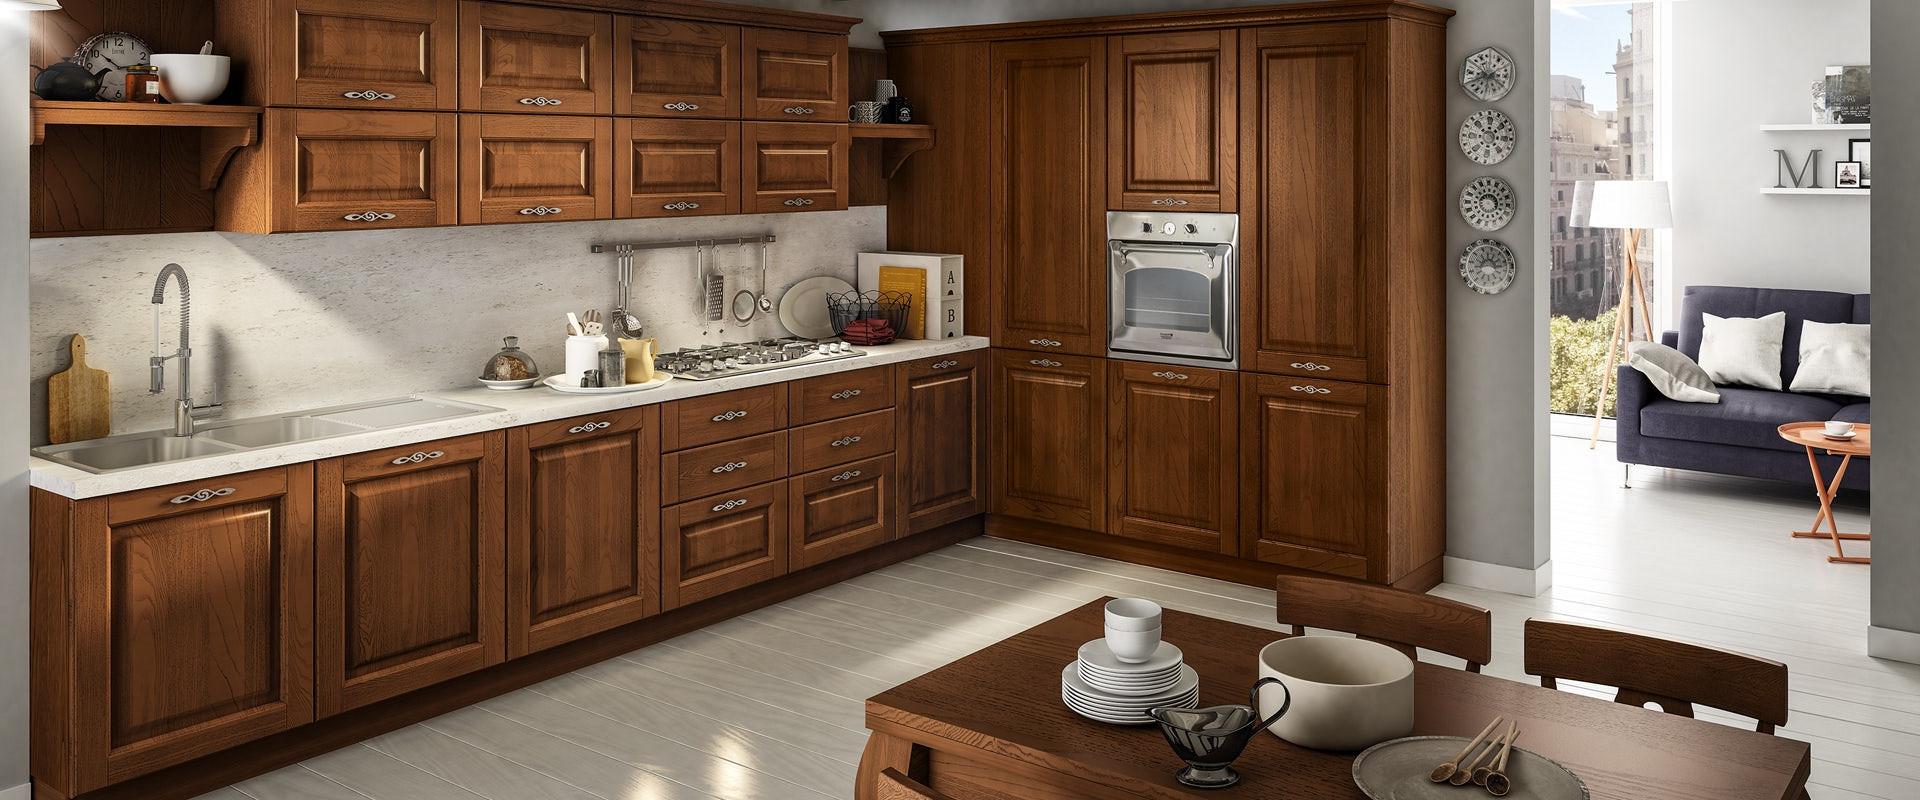 stosa-cucine-classiche-saturnia-215.jpg